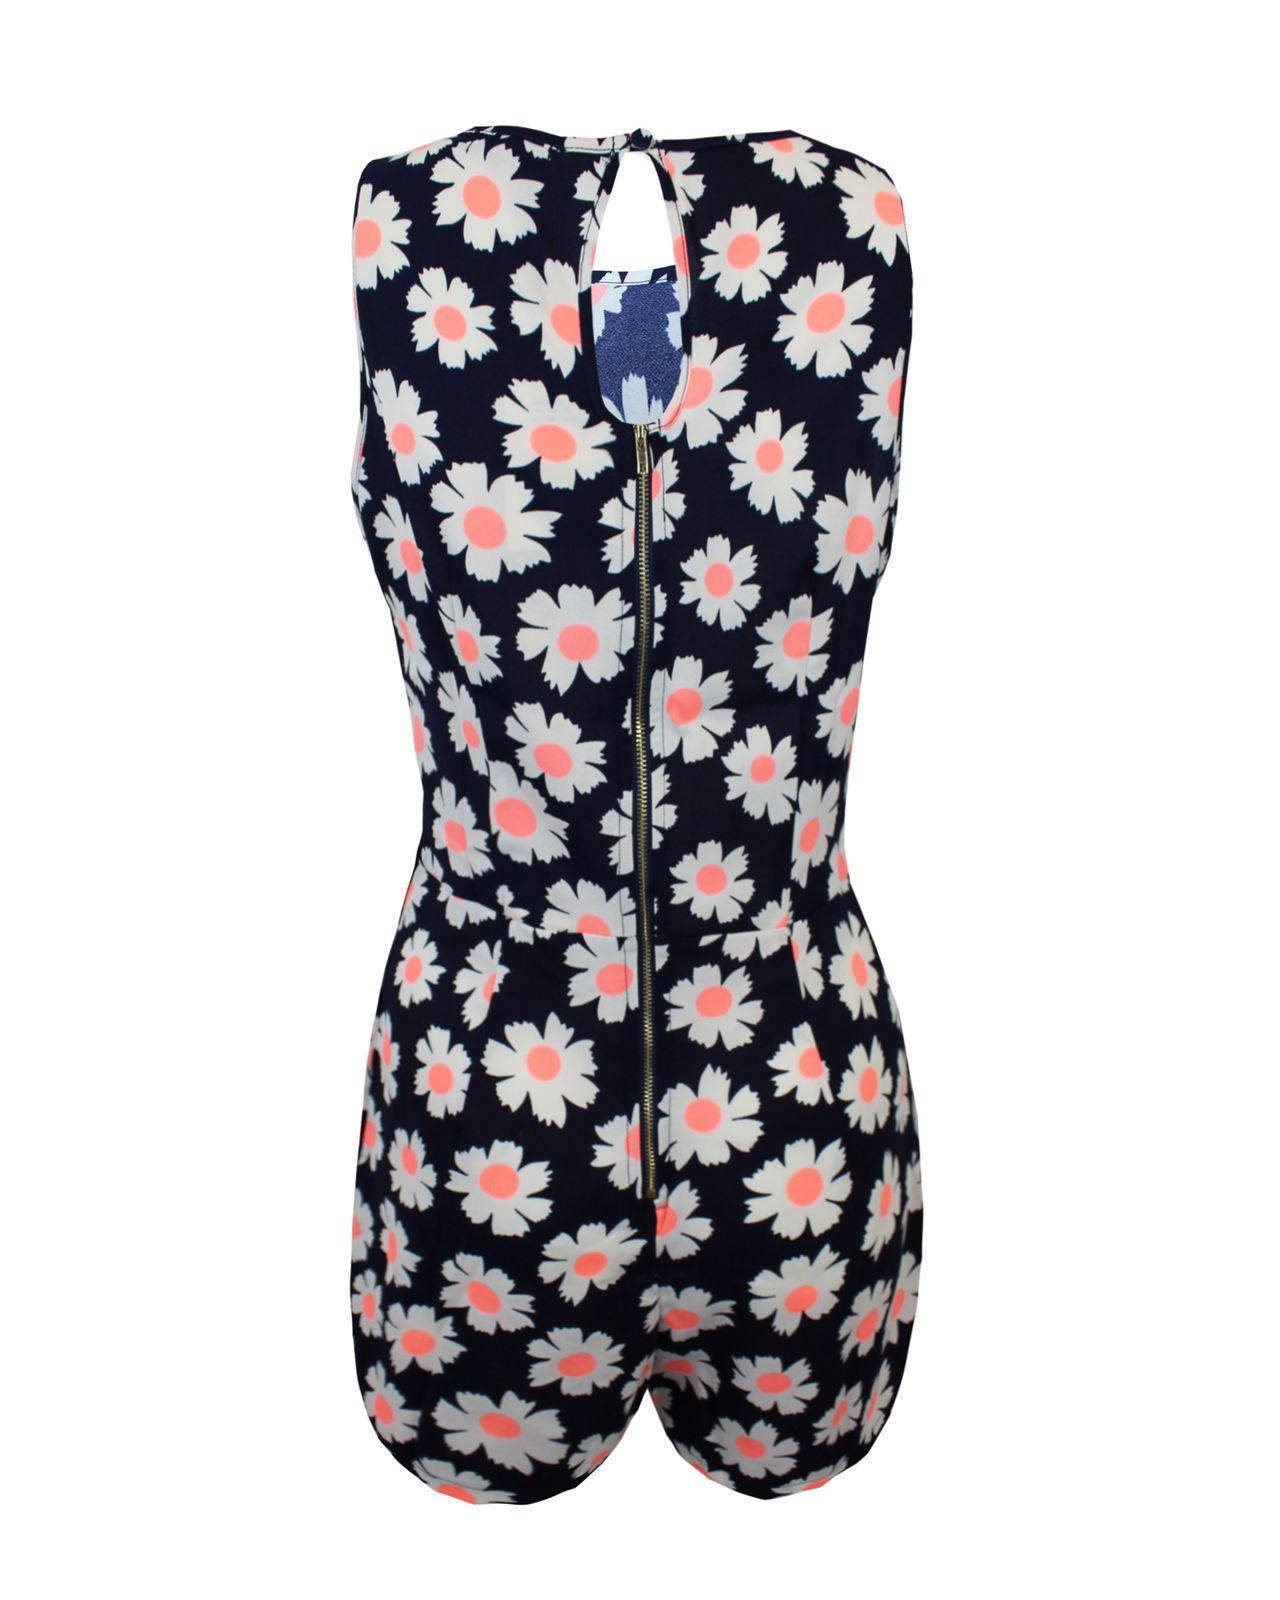 Nuevas-senoras-para-mujer-Cachemira-Flor-Mono-Estampado-Azteca-Mono-corto-vestido-de-cremallera-en miniatura 6